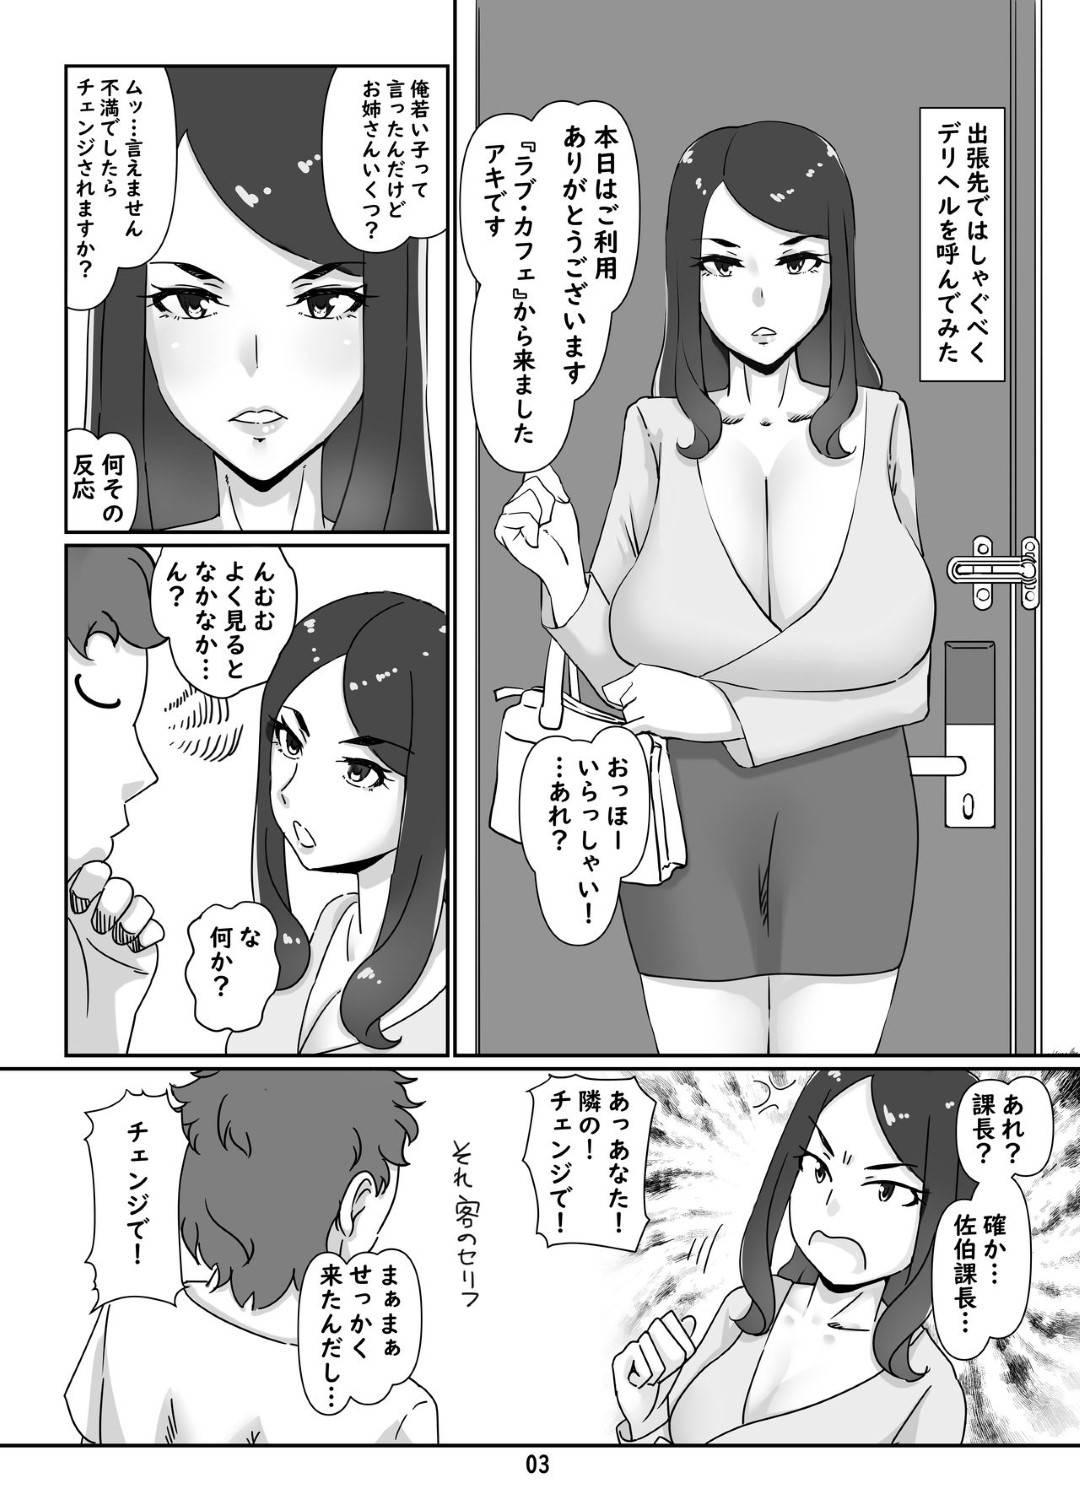 【エロ漫画】デリヘル嬢を呼んだらお局様だった生意気なクール系美女…手コキされたり中出しセックスされちゃってイチャラブしちゃう!【鐡喰:デリヘル嬢はお局様っ】